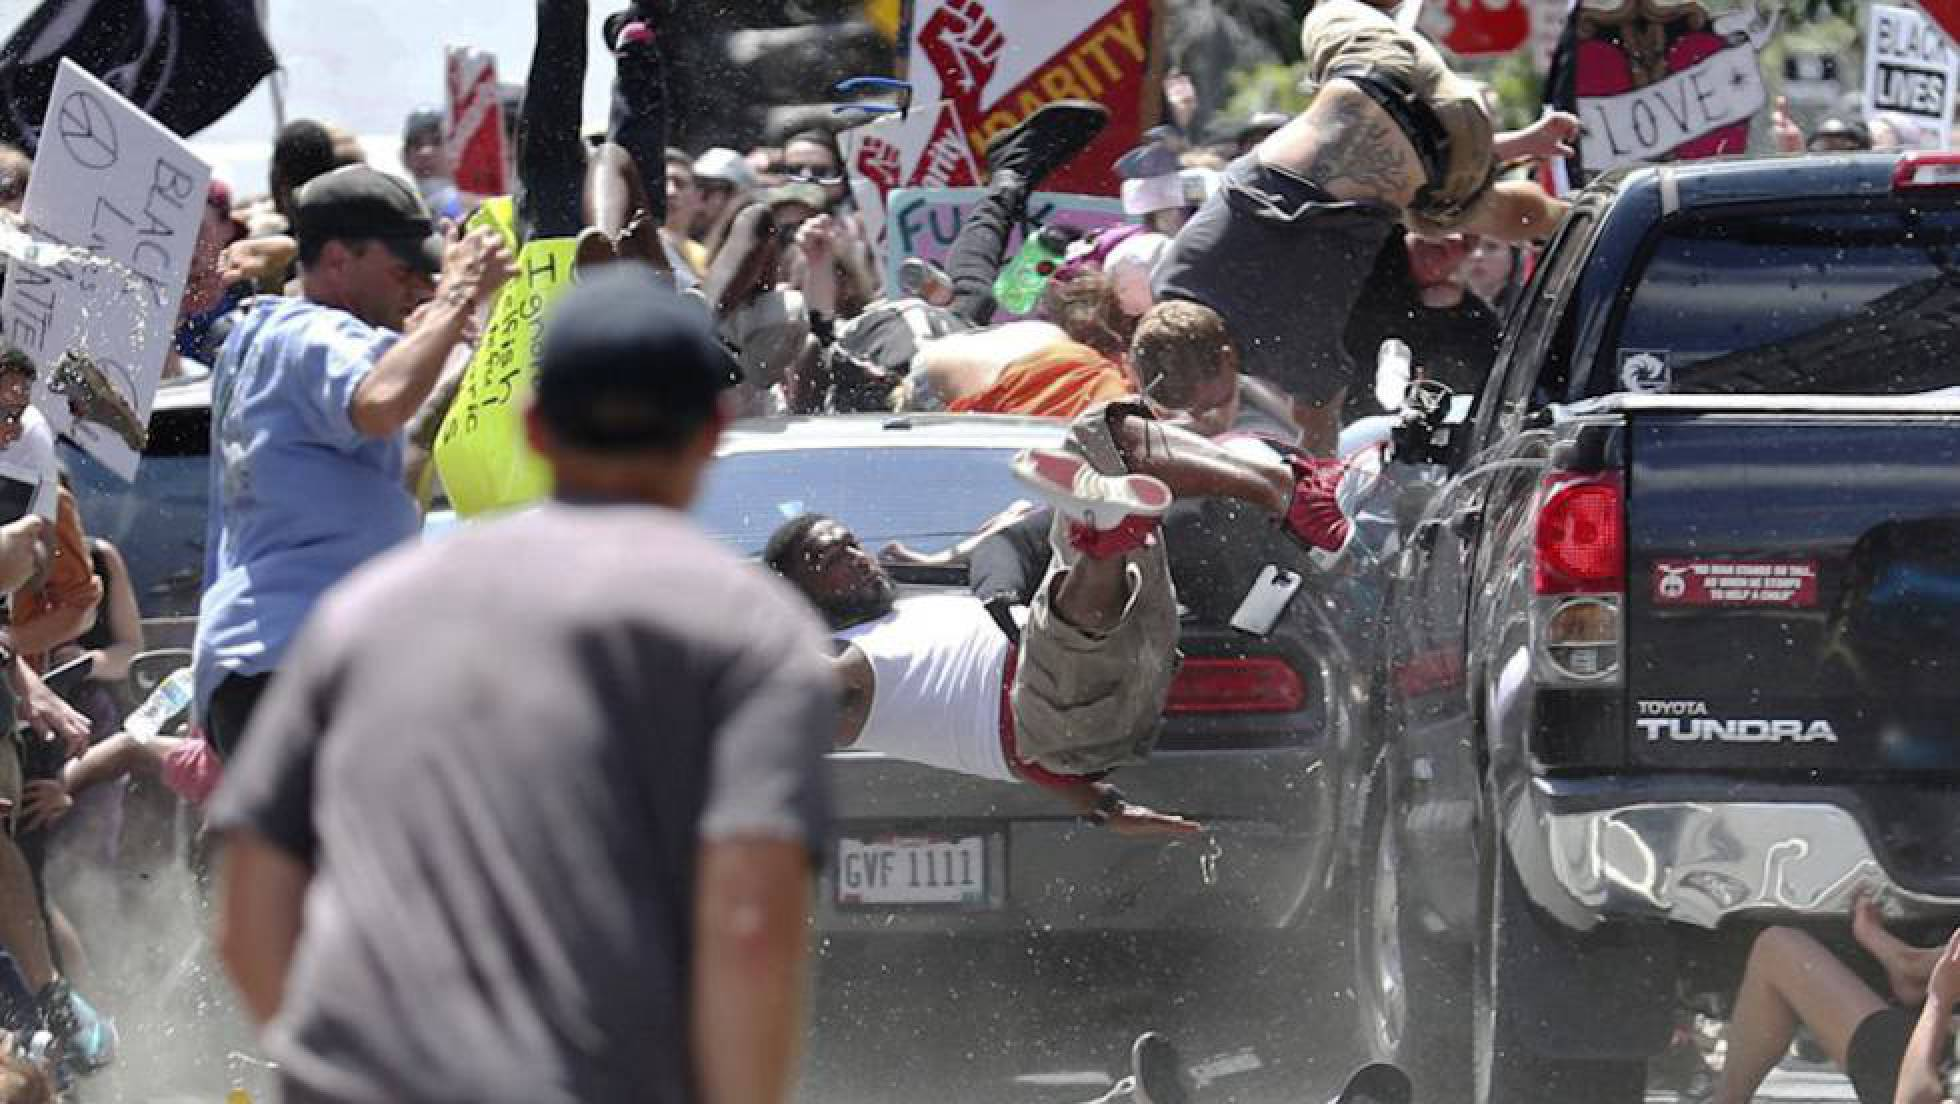 Cadena perpetua para el supremacista que arrolló a los manifestantes de Charlottesville